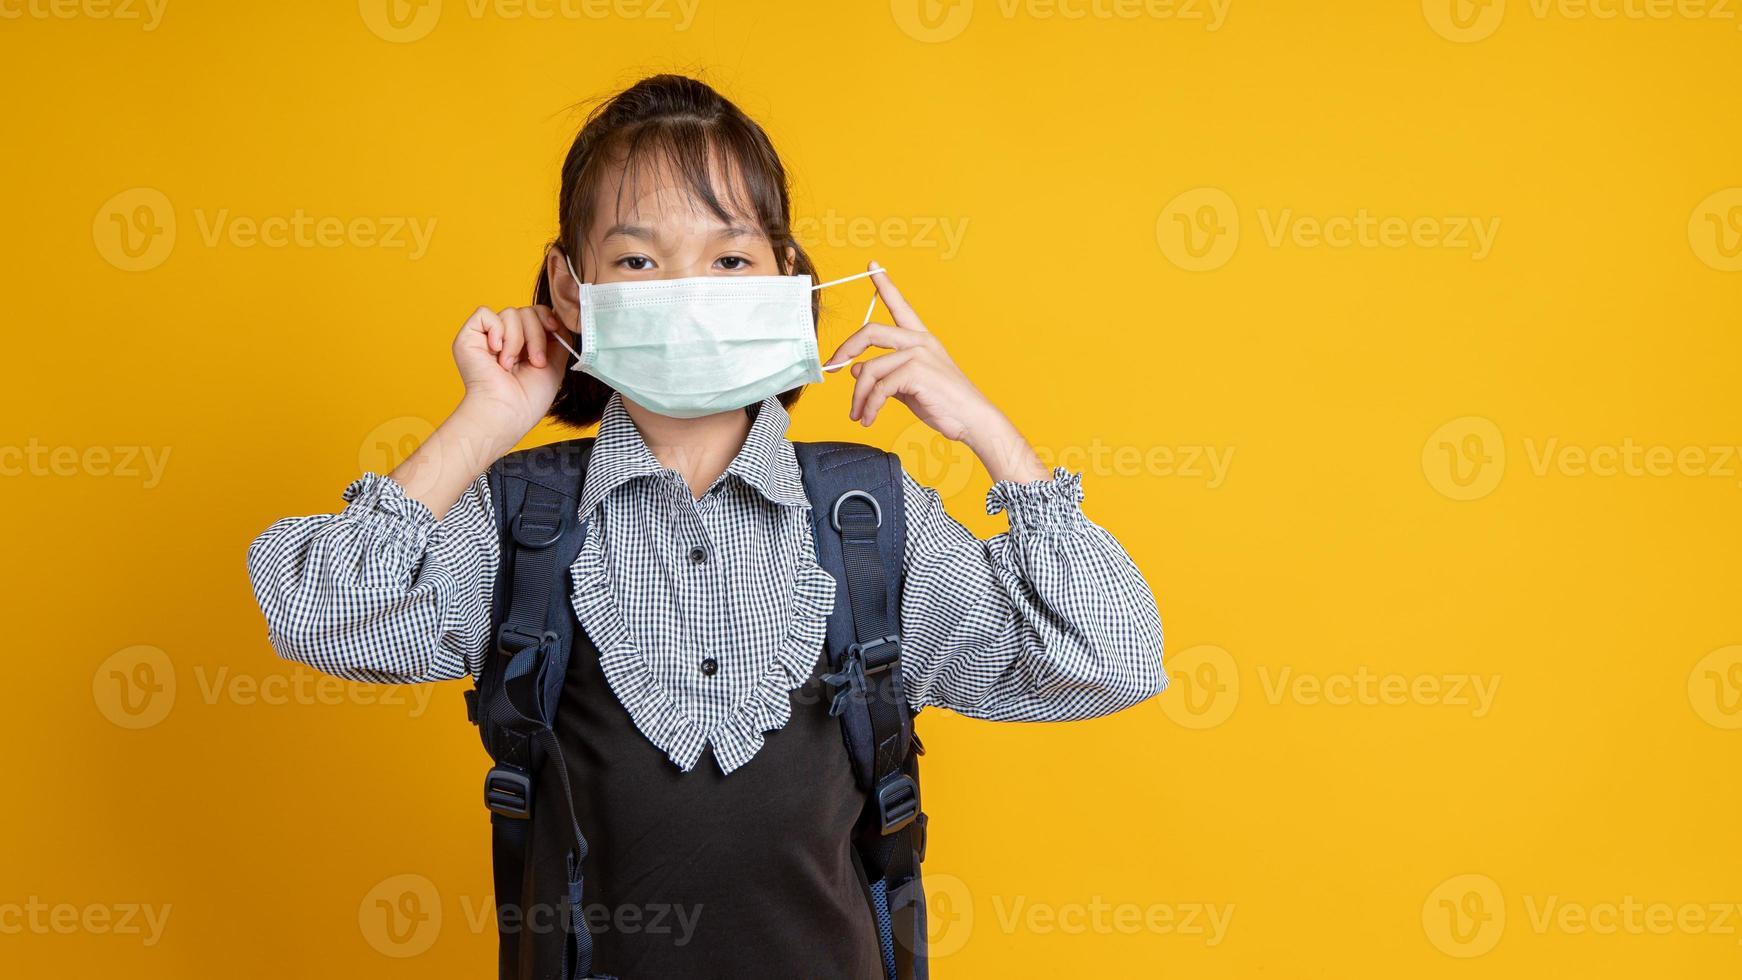 jovem asiática usando uma máscara facial e mochila olhando para a câmera com fundo amarelo foto